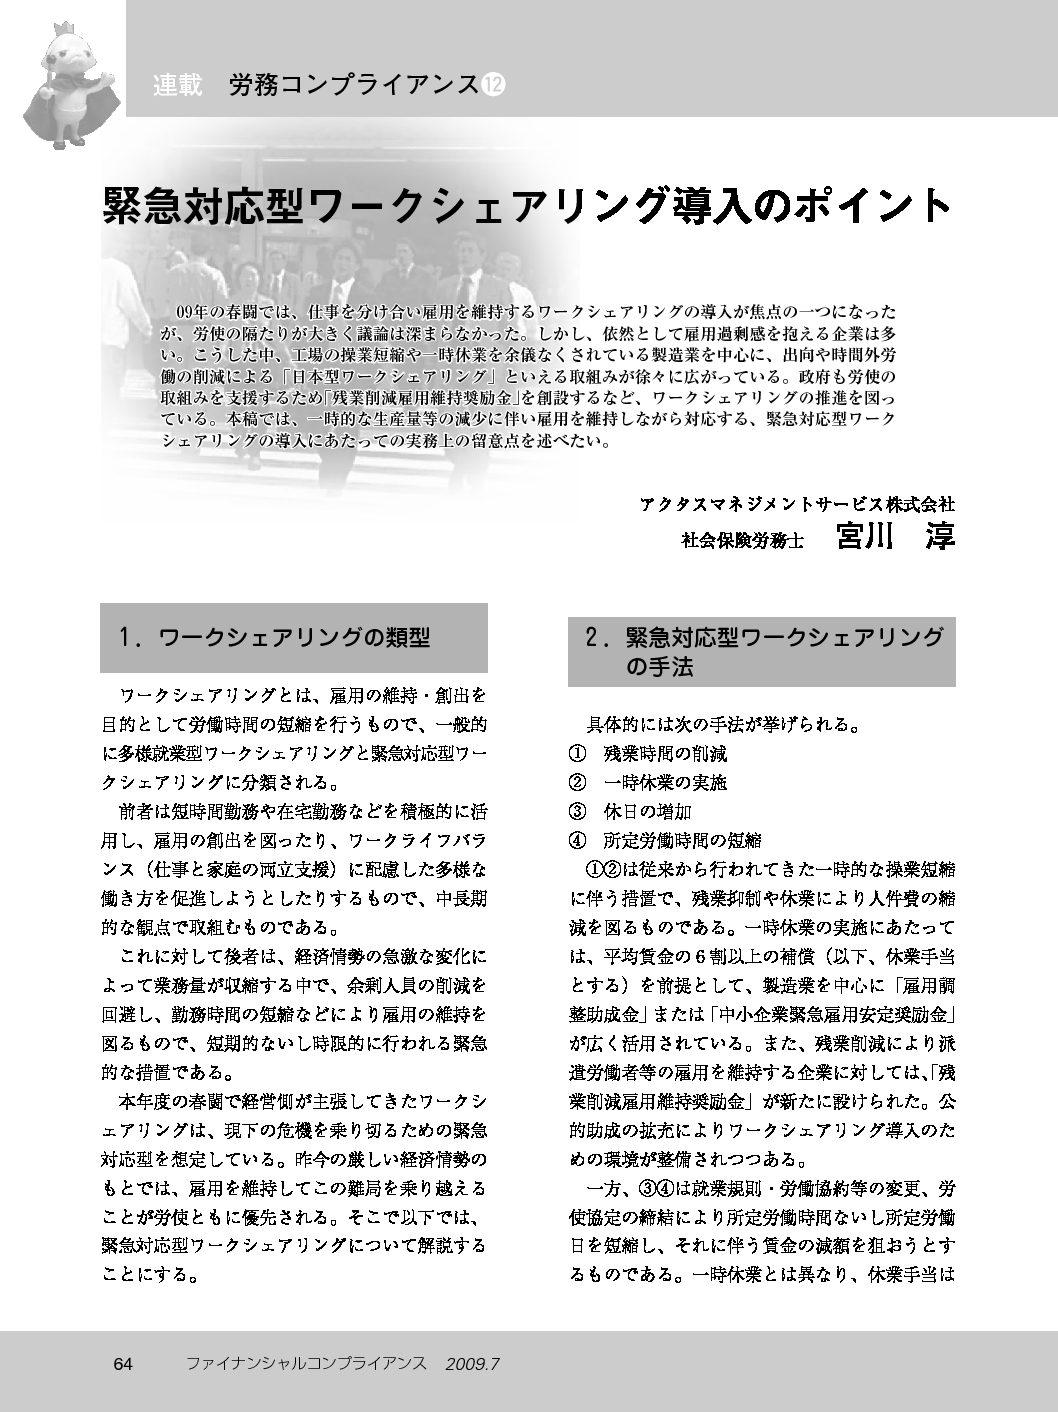 労務コンプライアンス(第12回) 緊急対応型ワークシェアリング導入のポイント